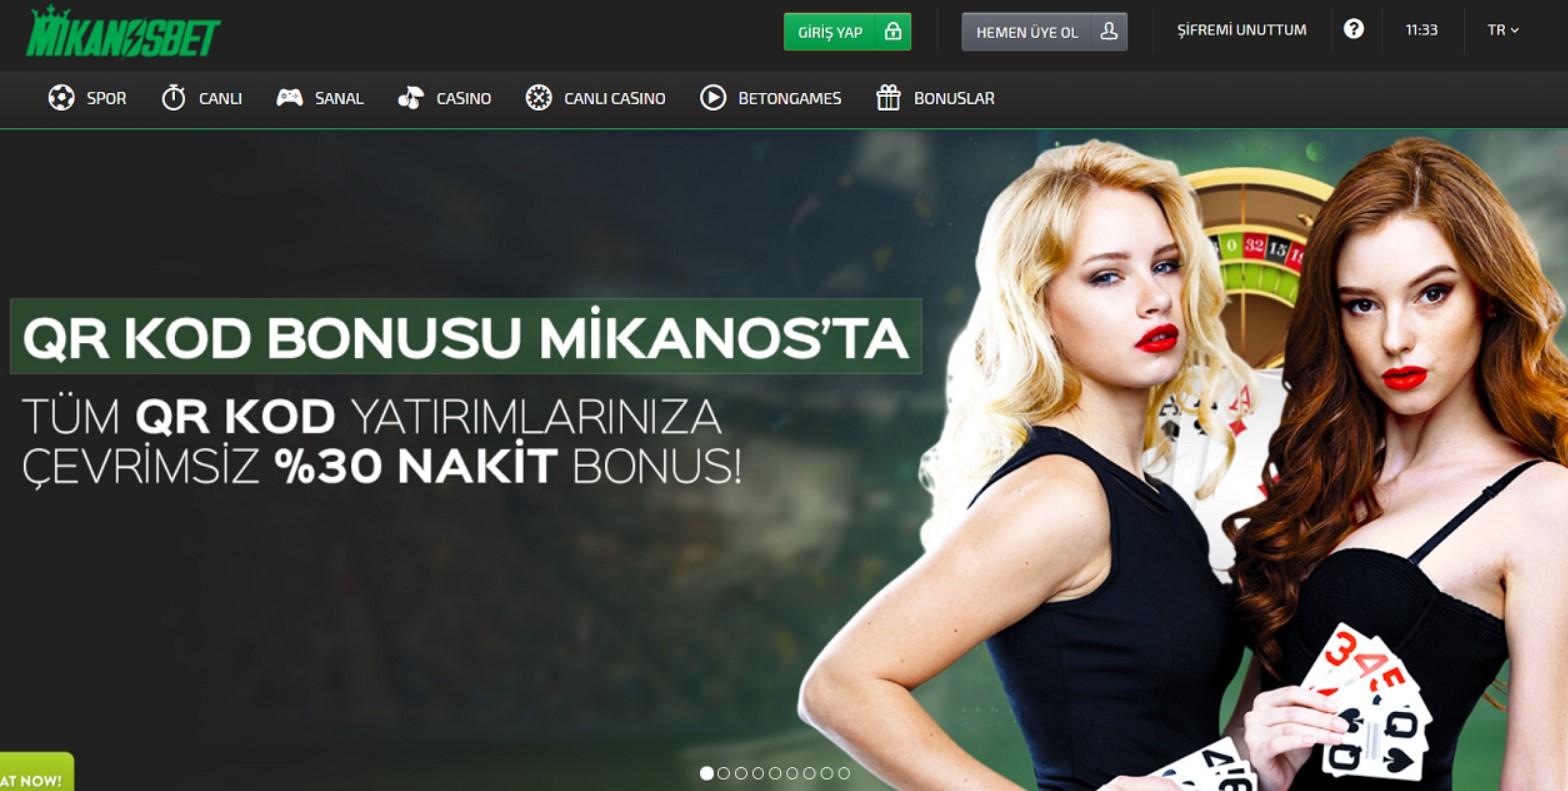 Mikanosbet giriş sayfası